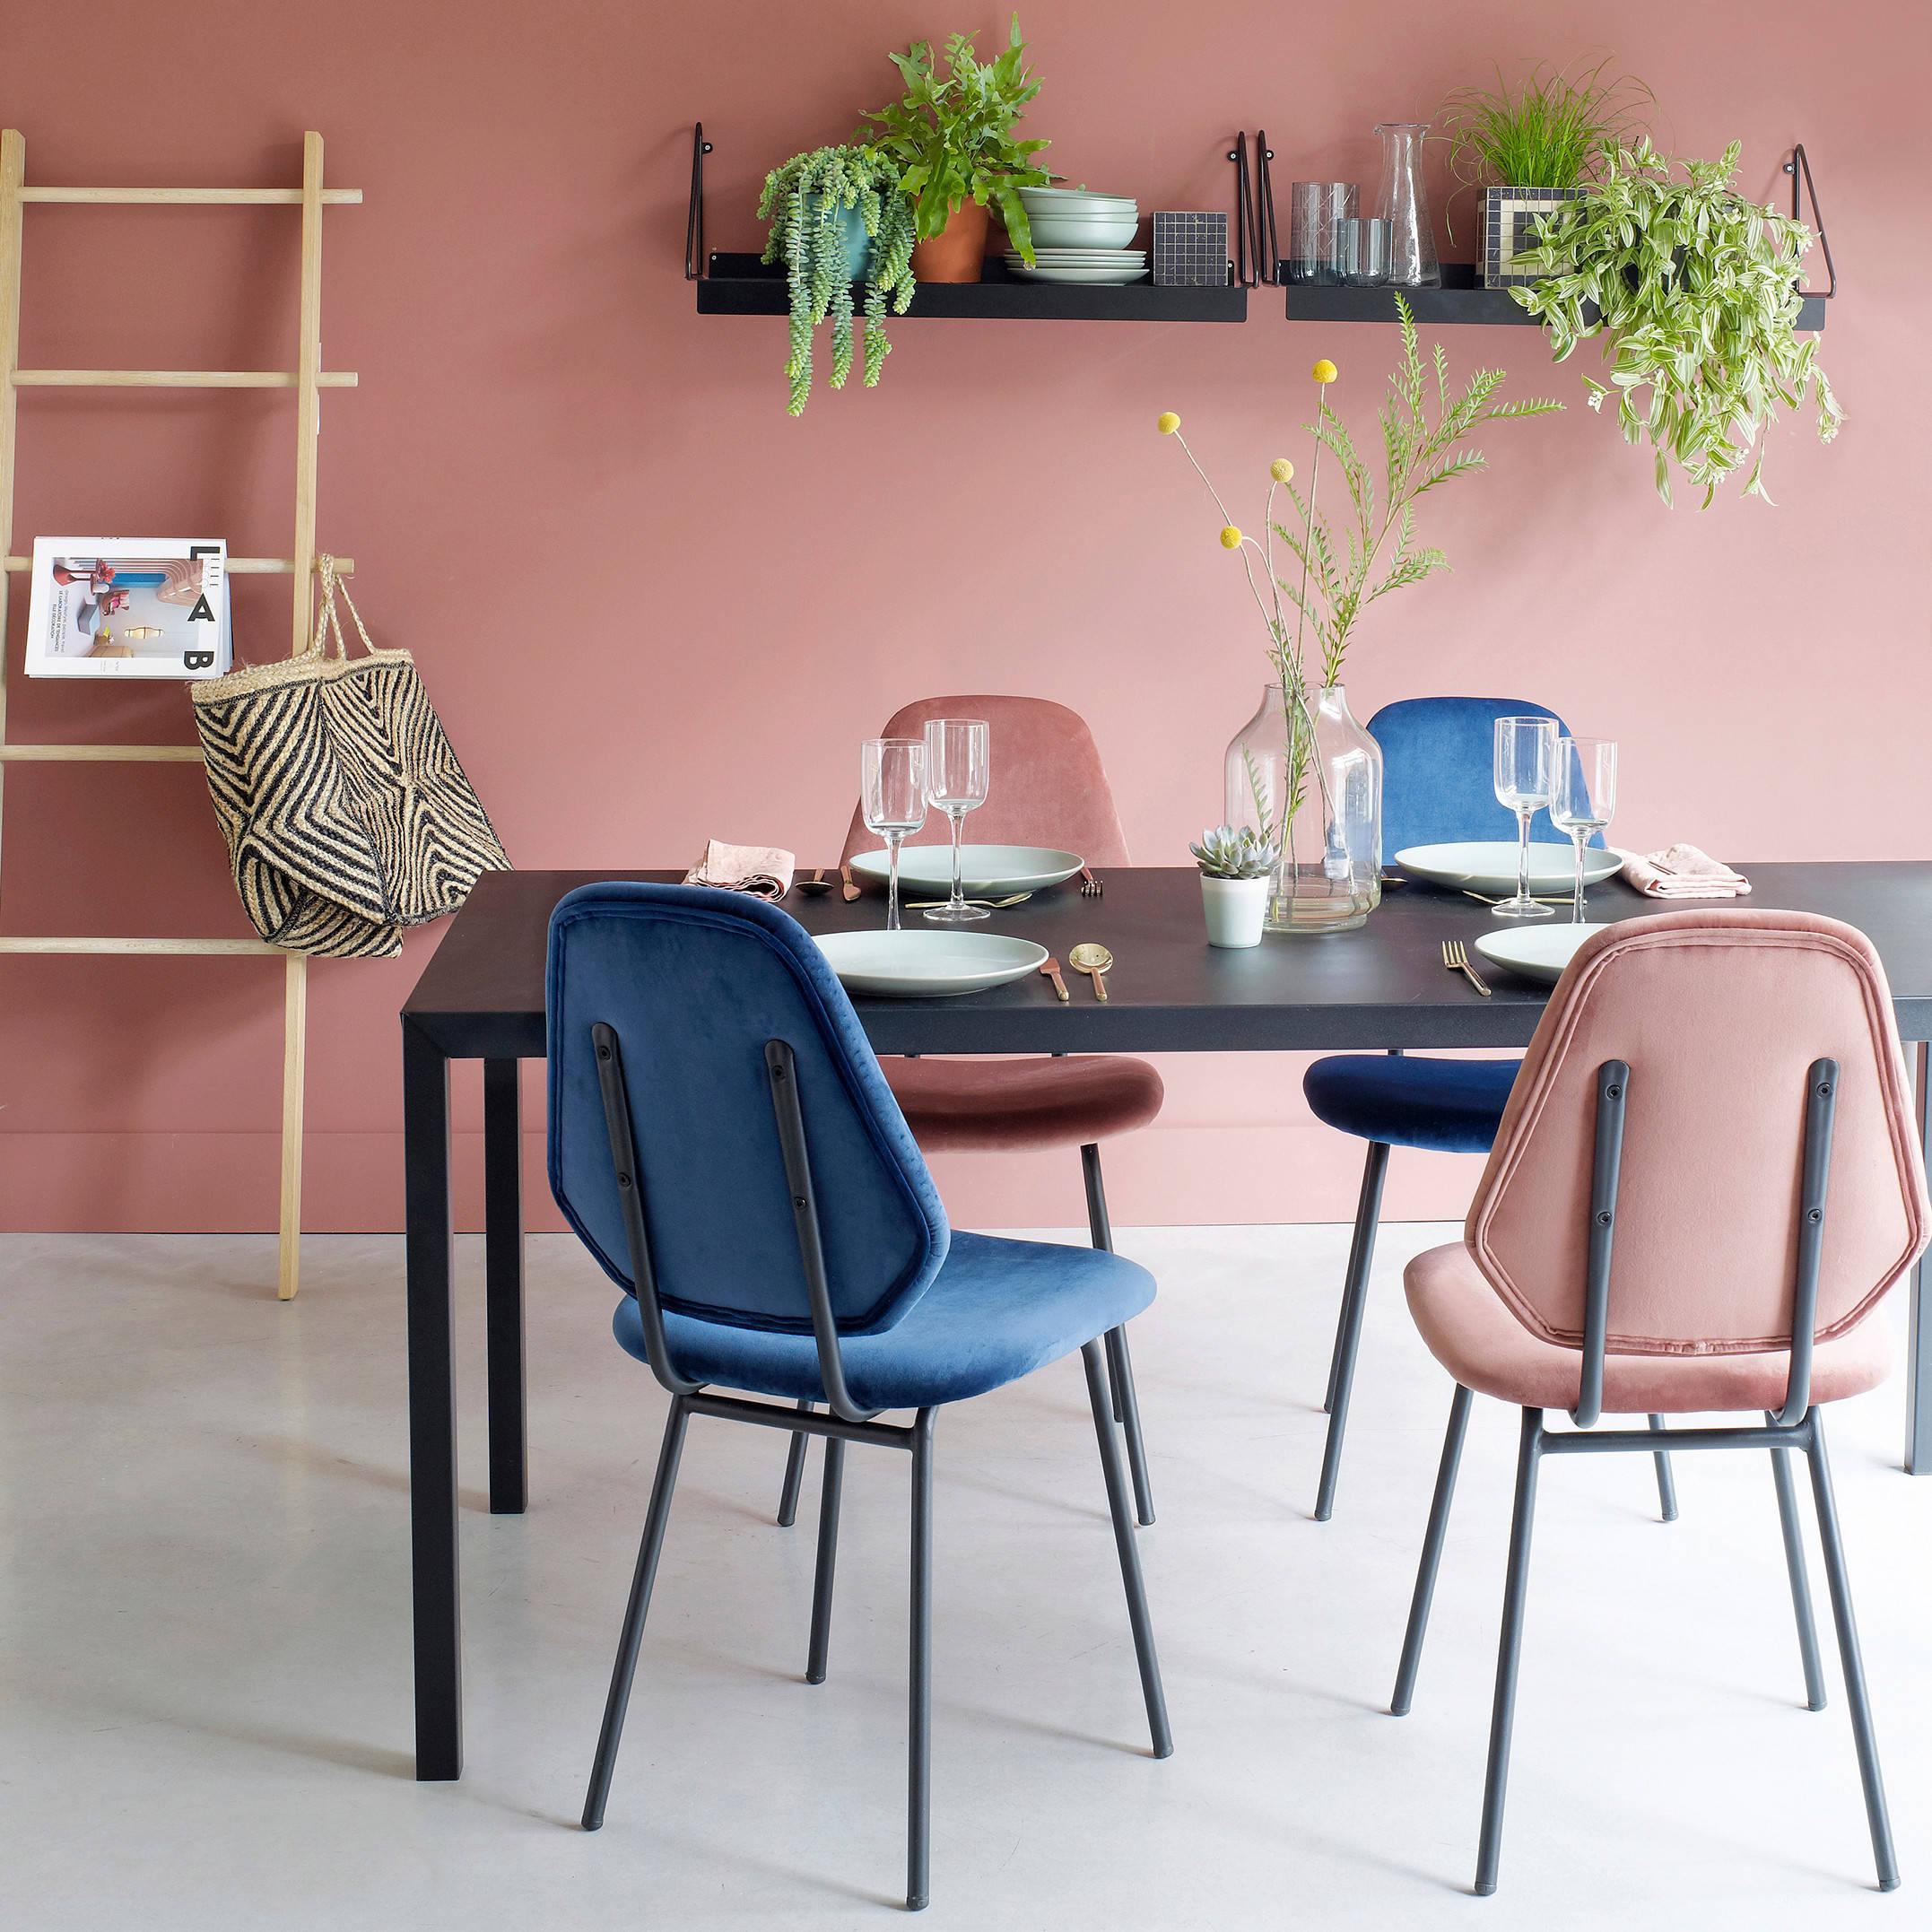 Пластиковый стол черного цвета контрастно смотрится в компании с цветными стульями